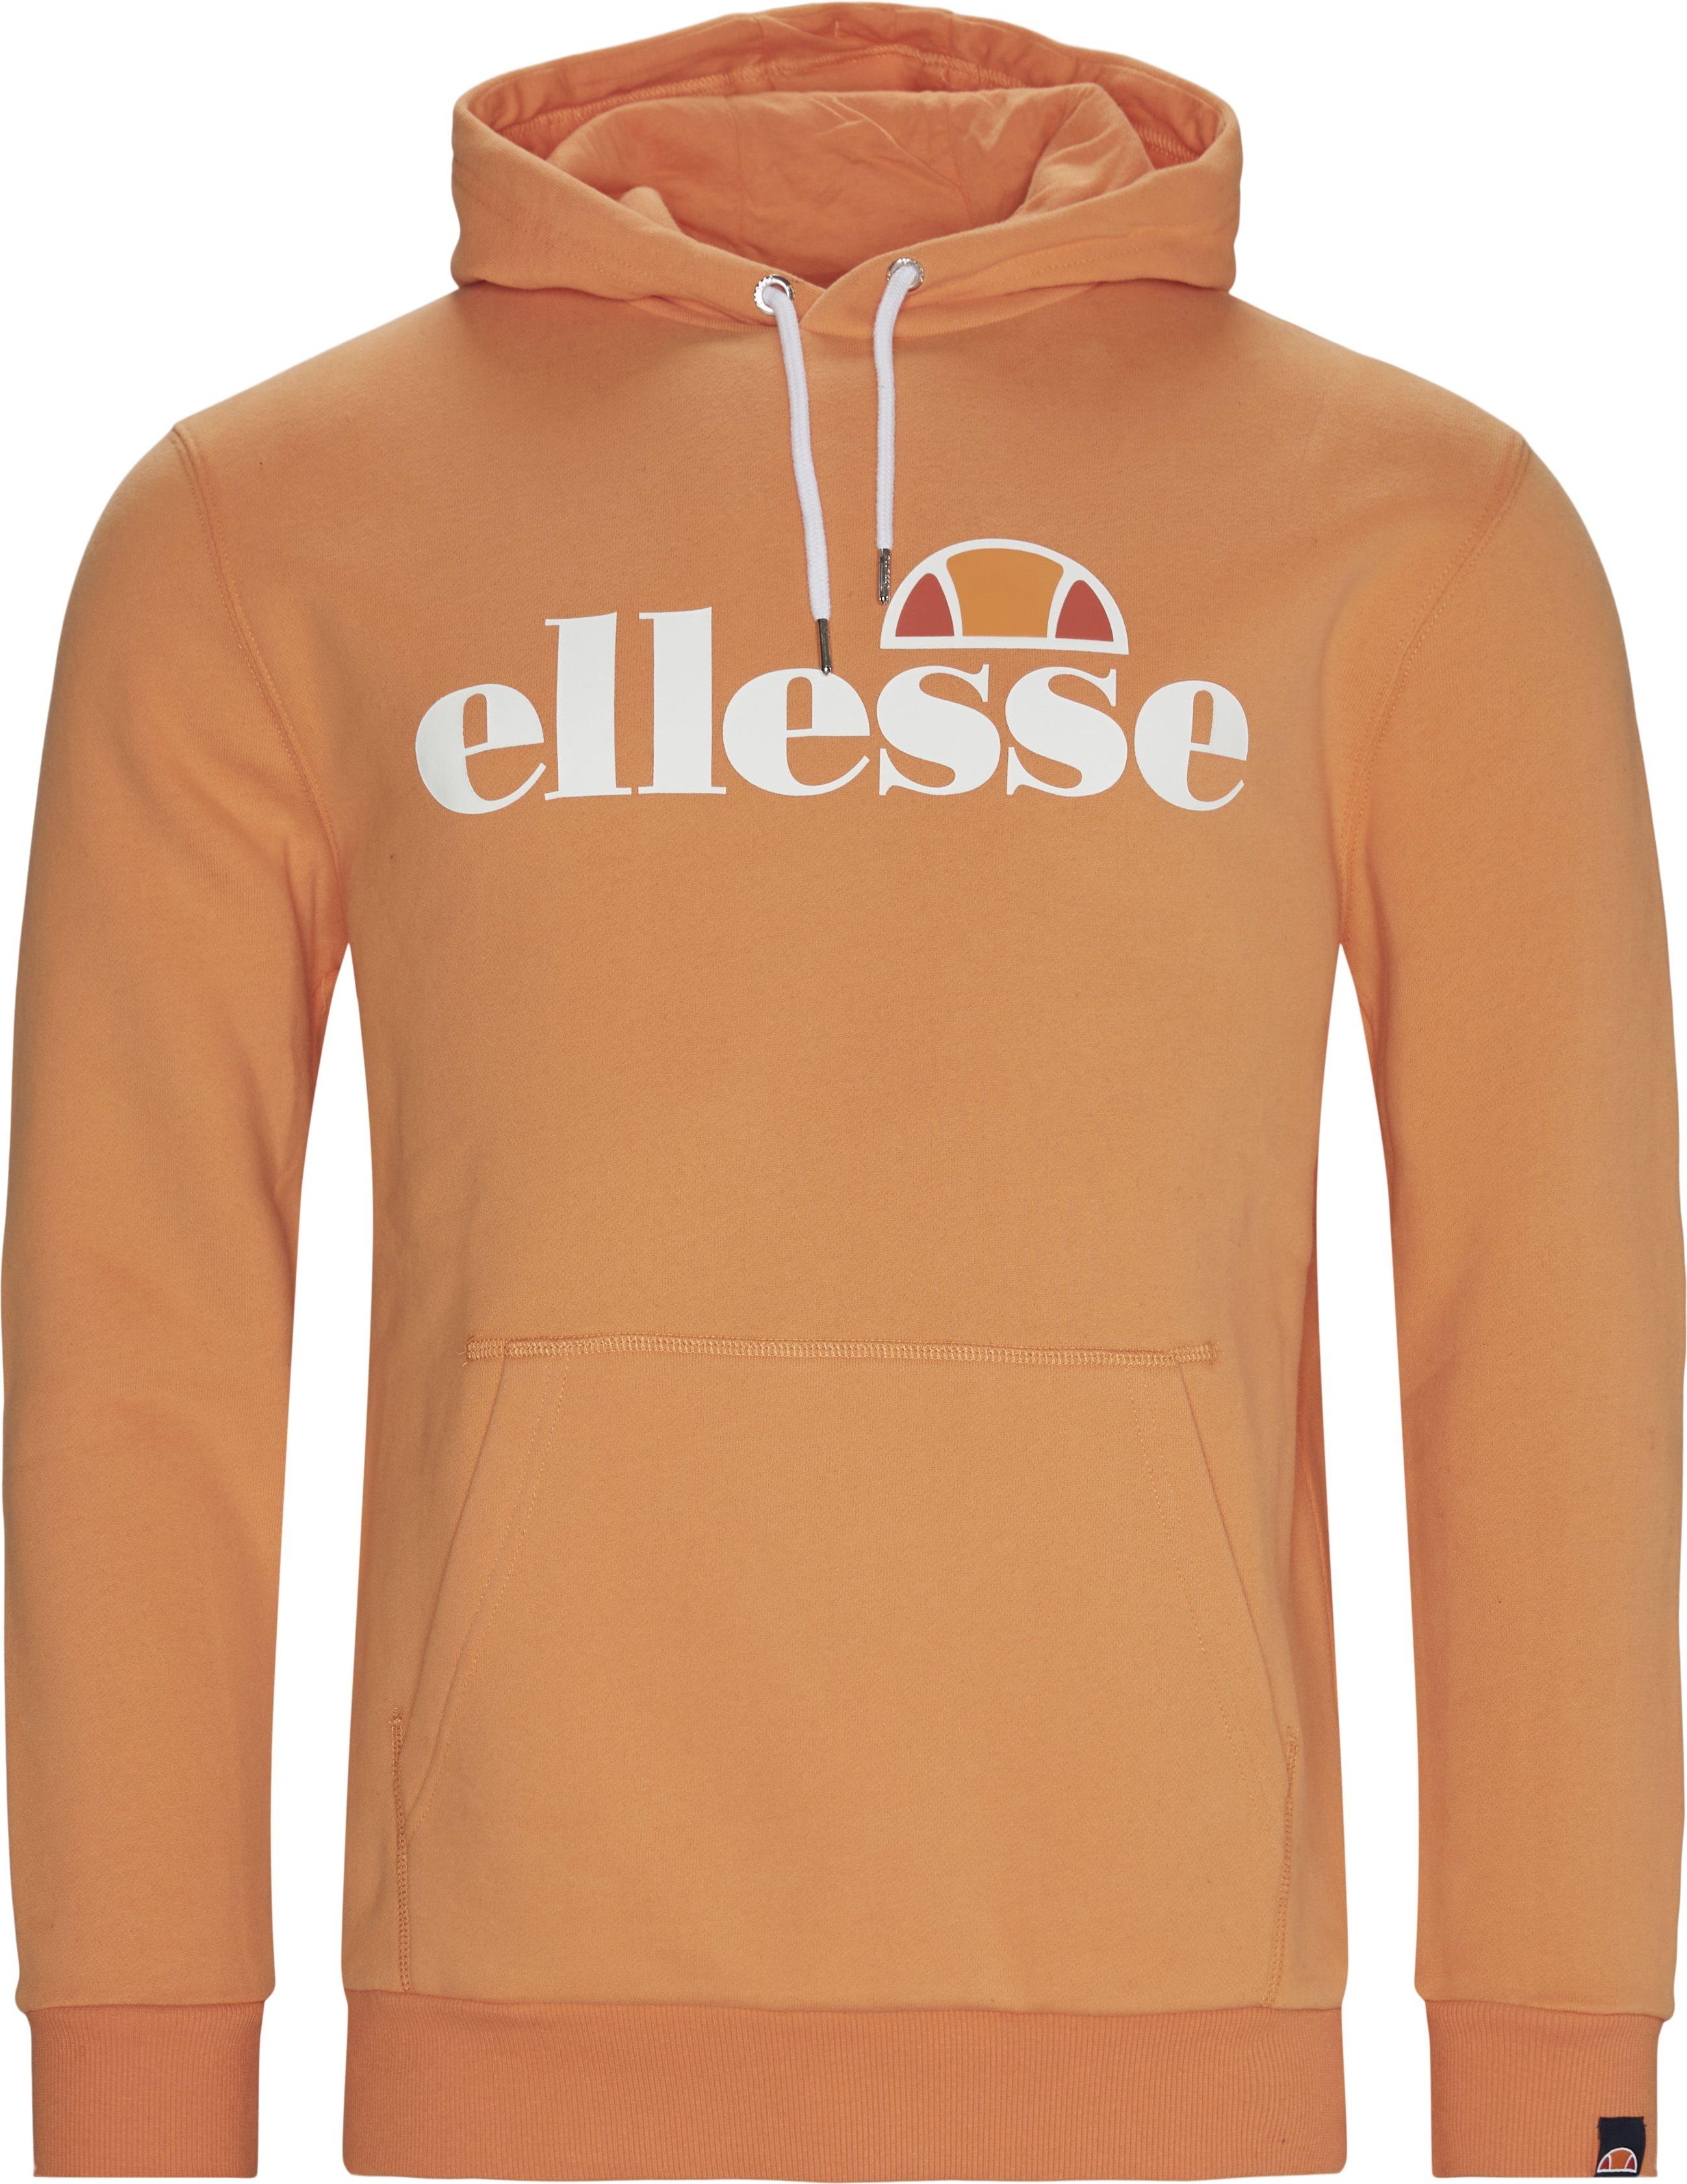 Sweatshirts - Orange